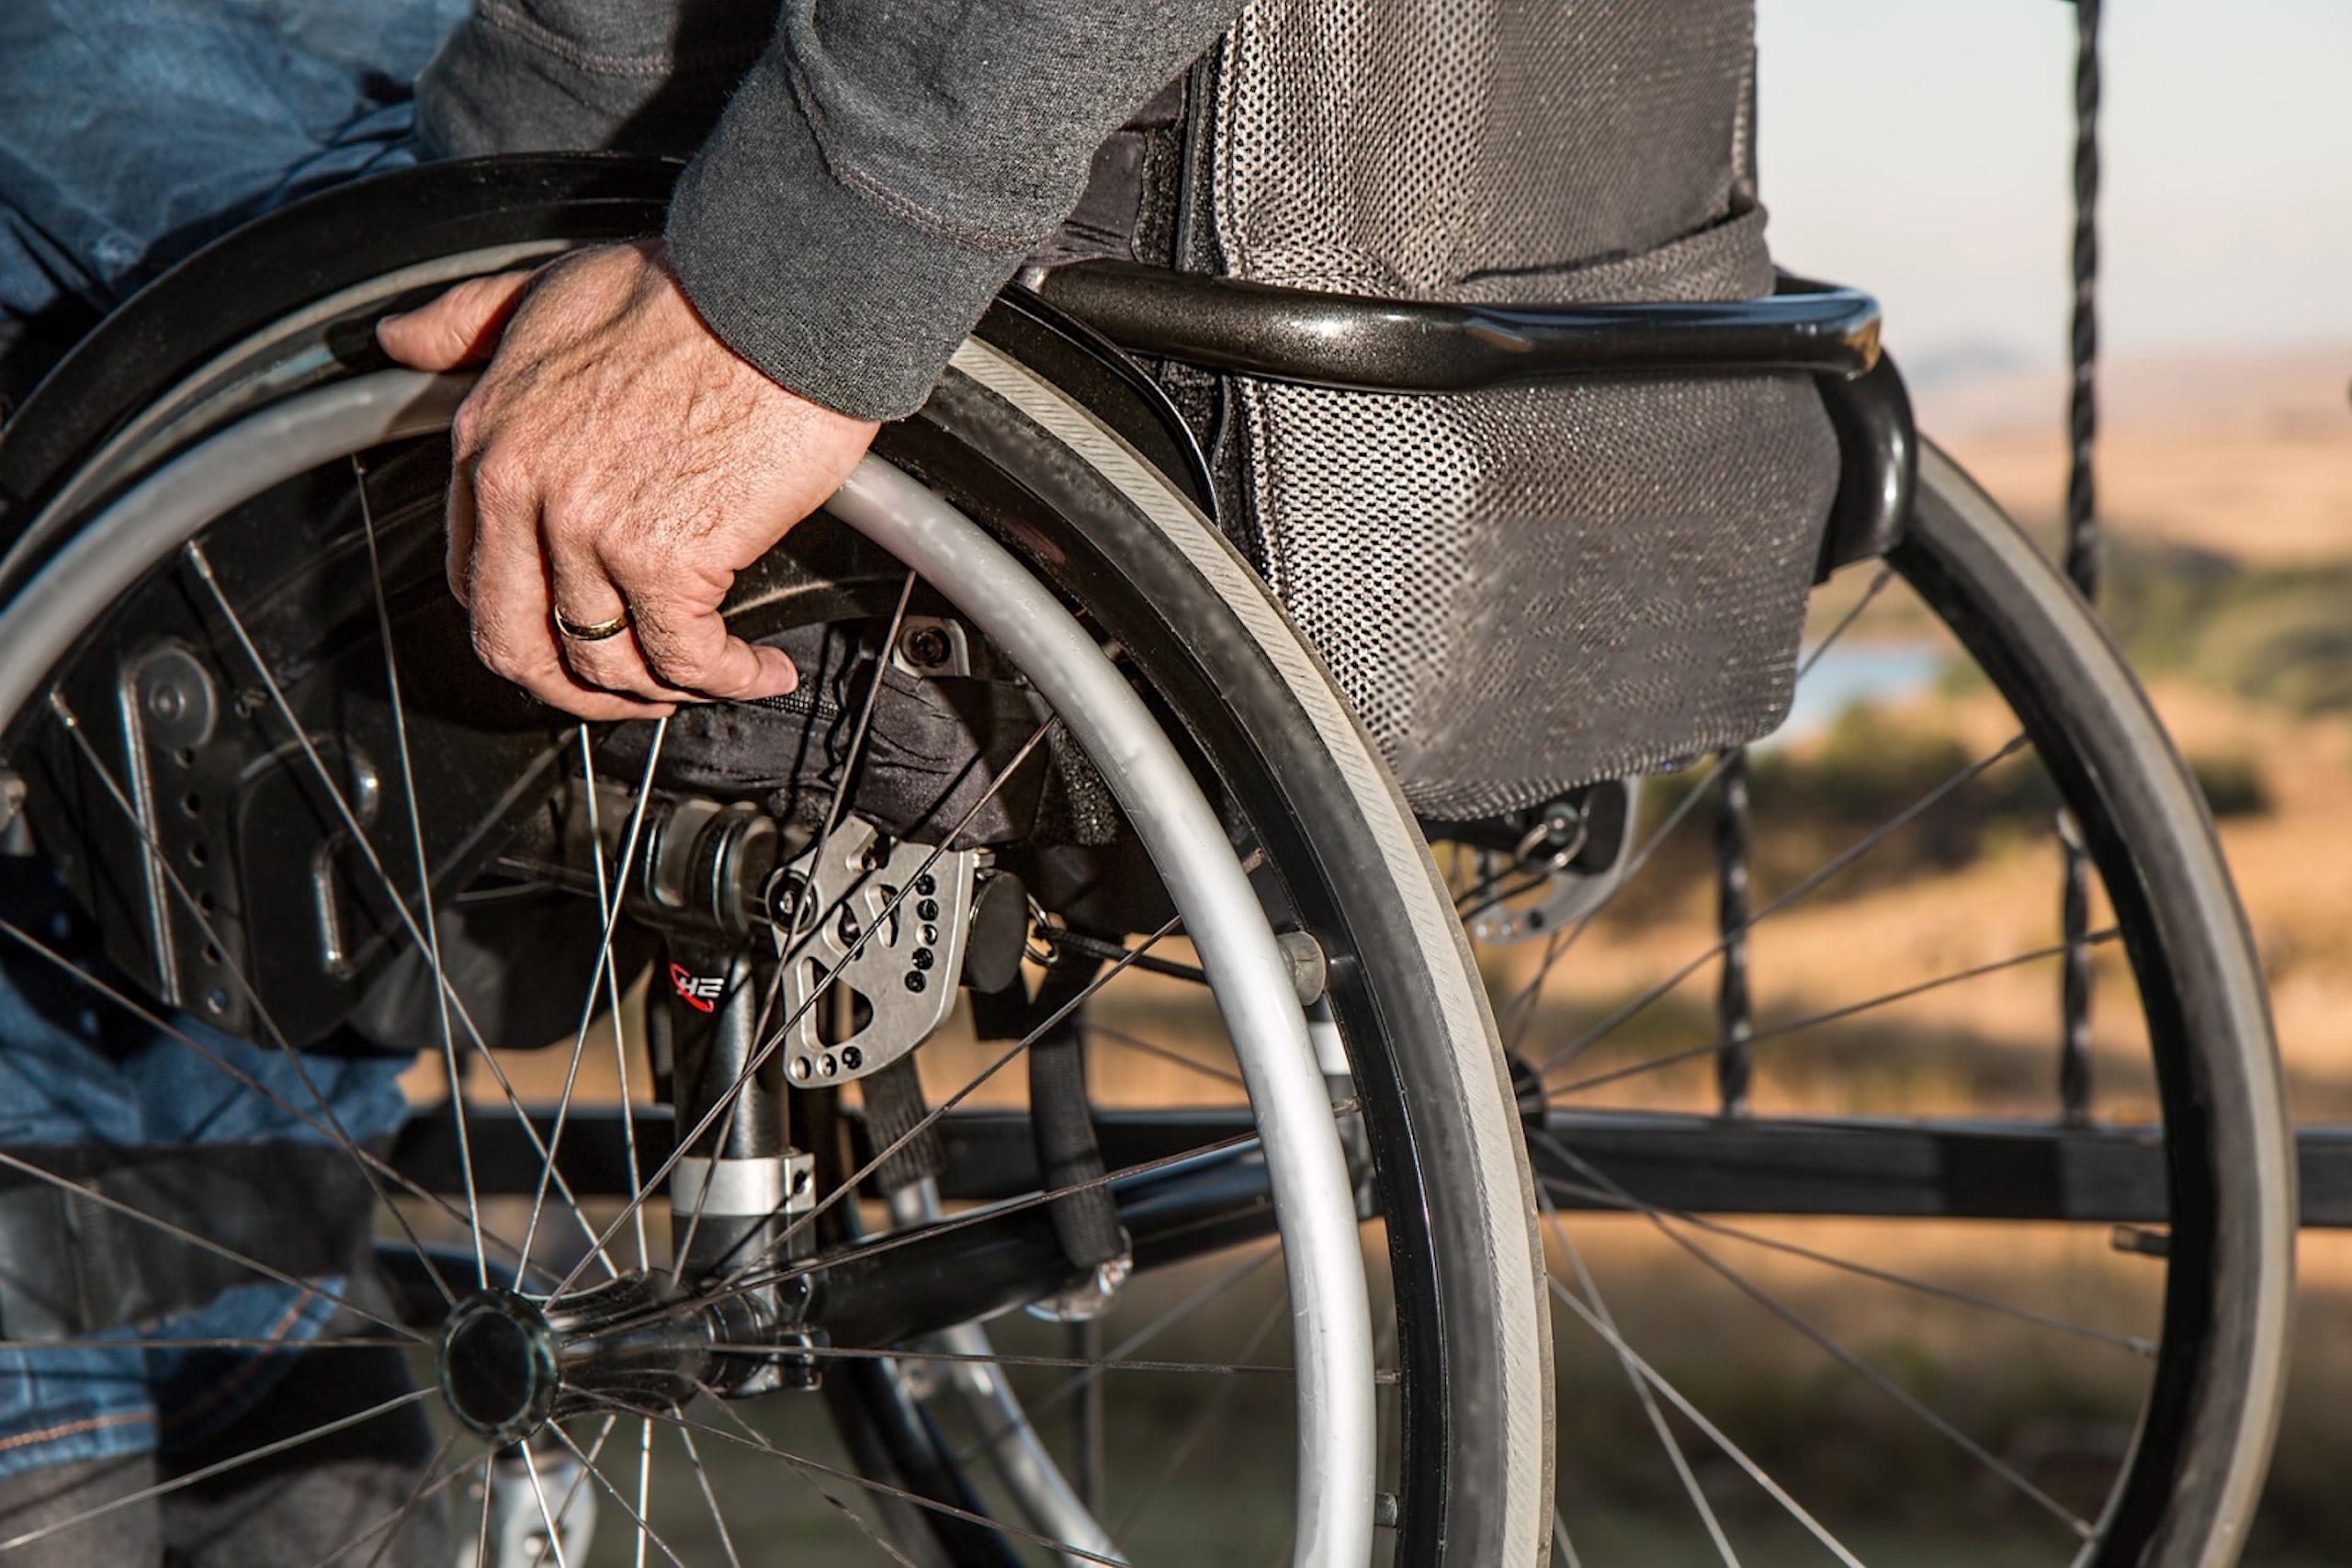 Nedsatt förmåga och handikapp.